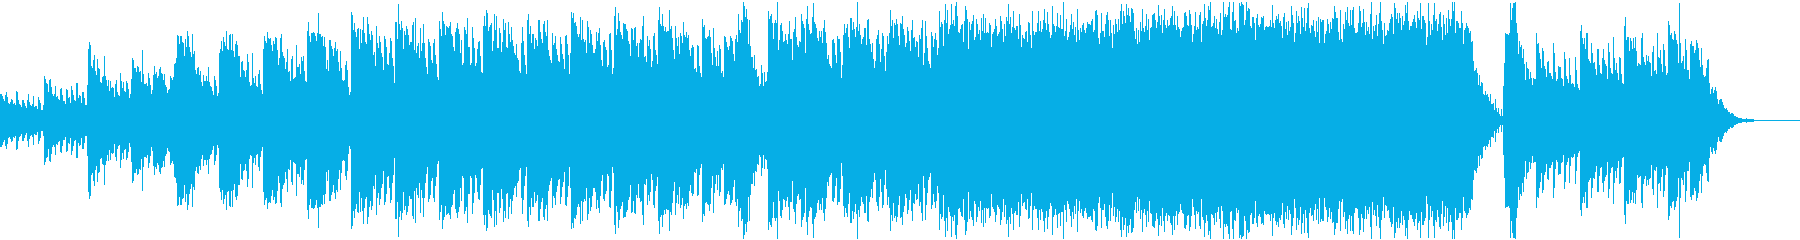 深い弦の歌詞のピアノ、パワフルなウェーブの再生済みの波形